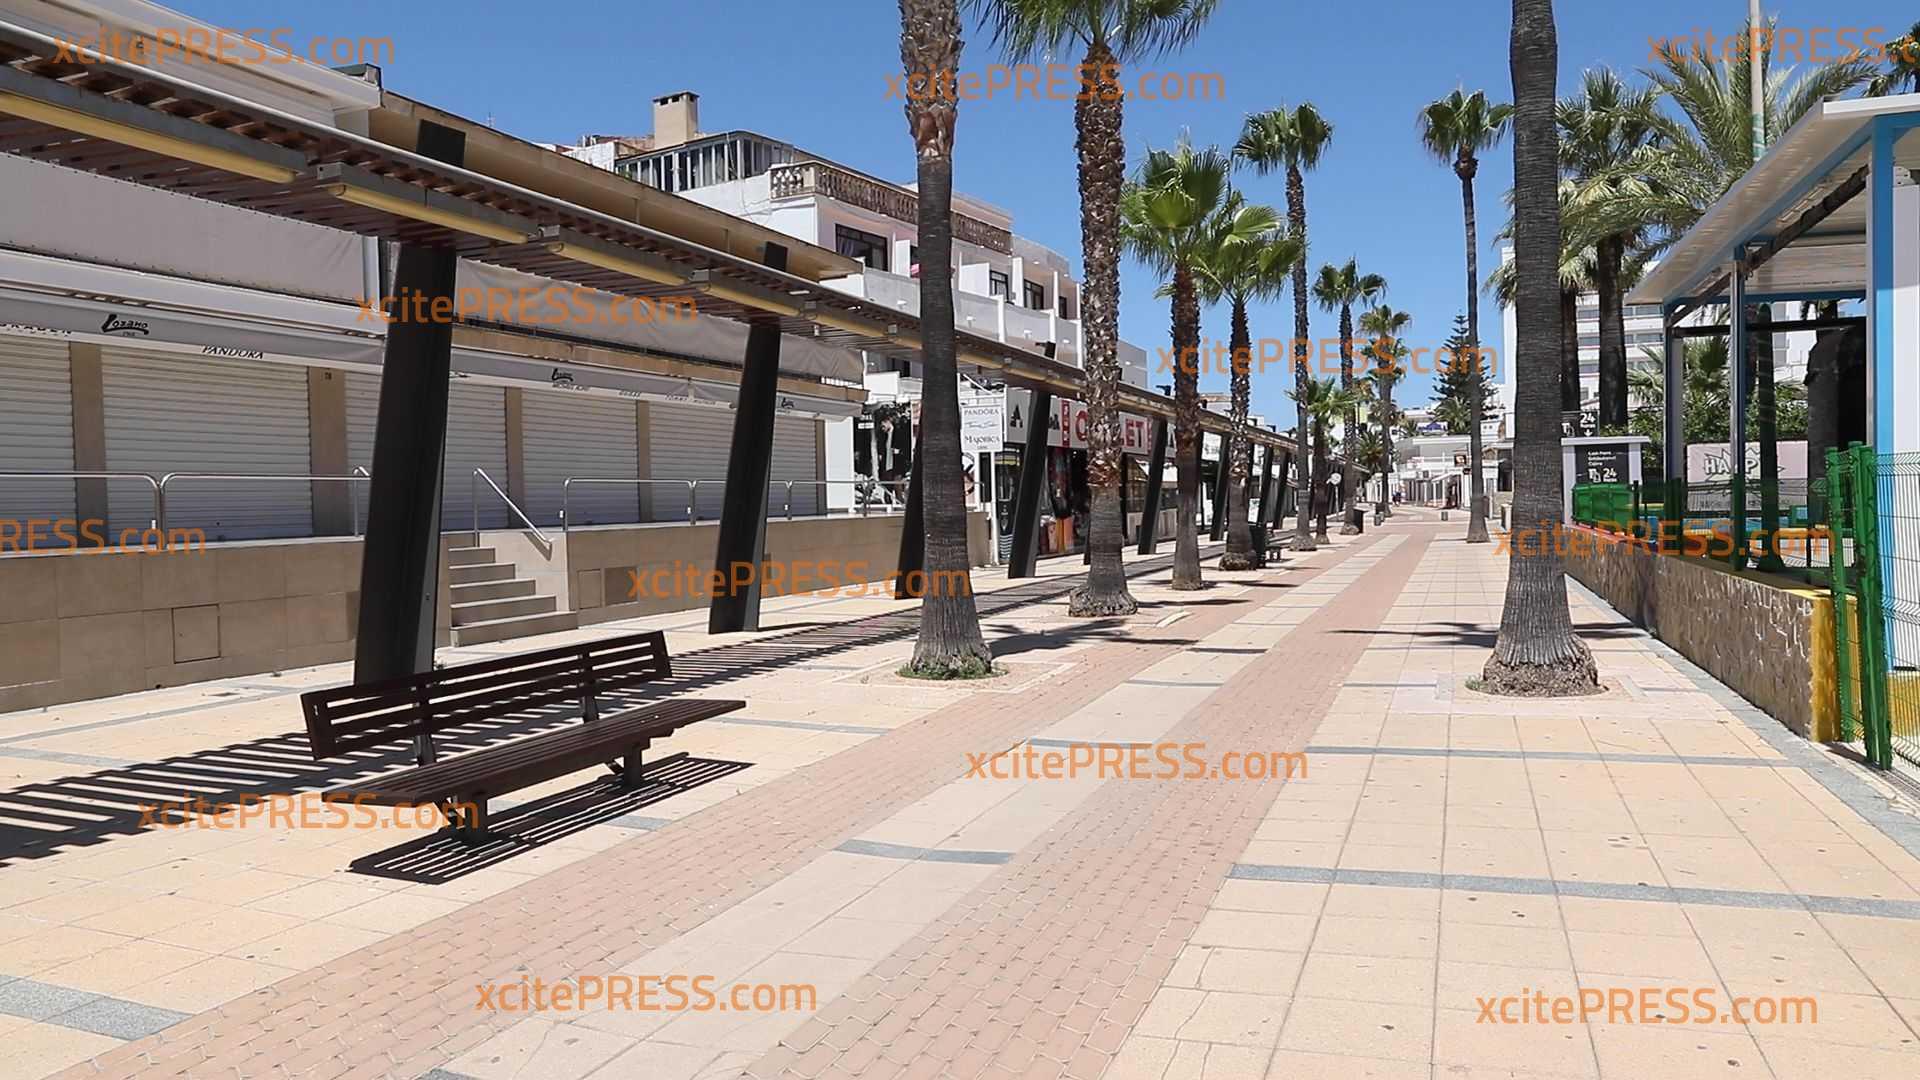 Ferienorte auf Mallorca durch Corona wie ausgestorben: Nichts los in den sonst so beliebten Städten